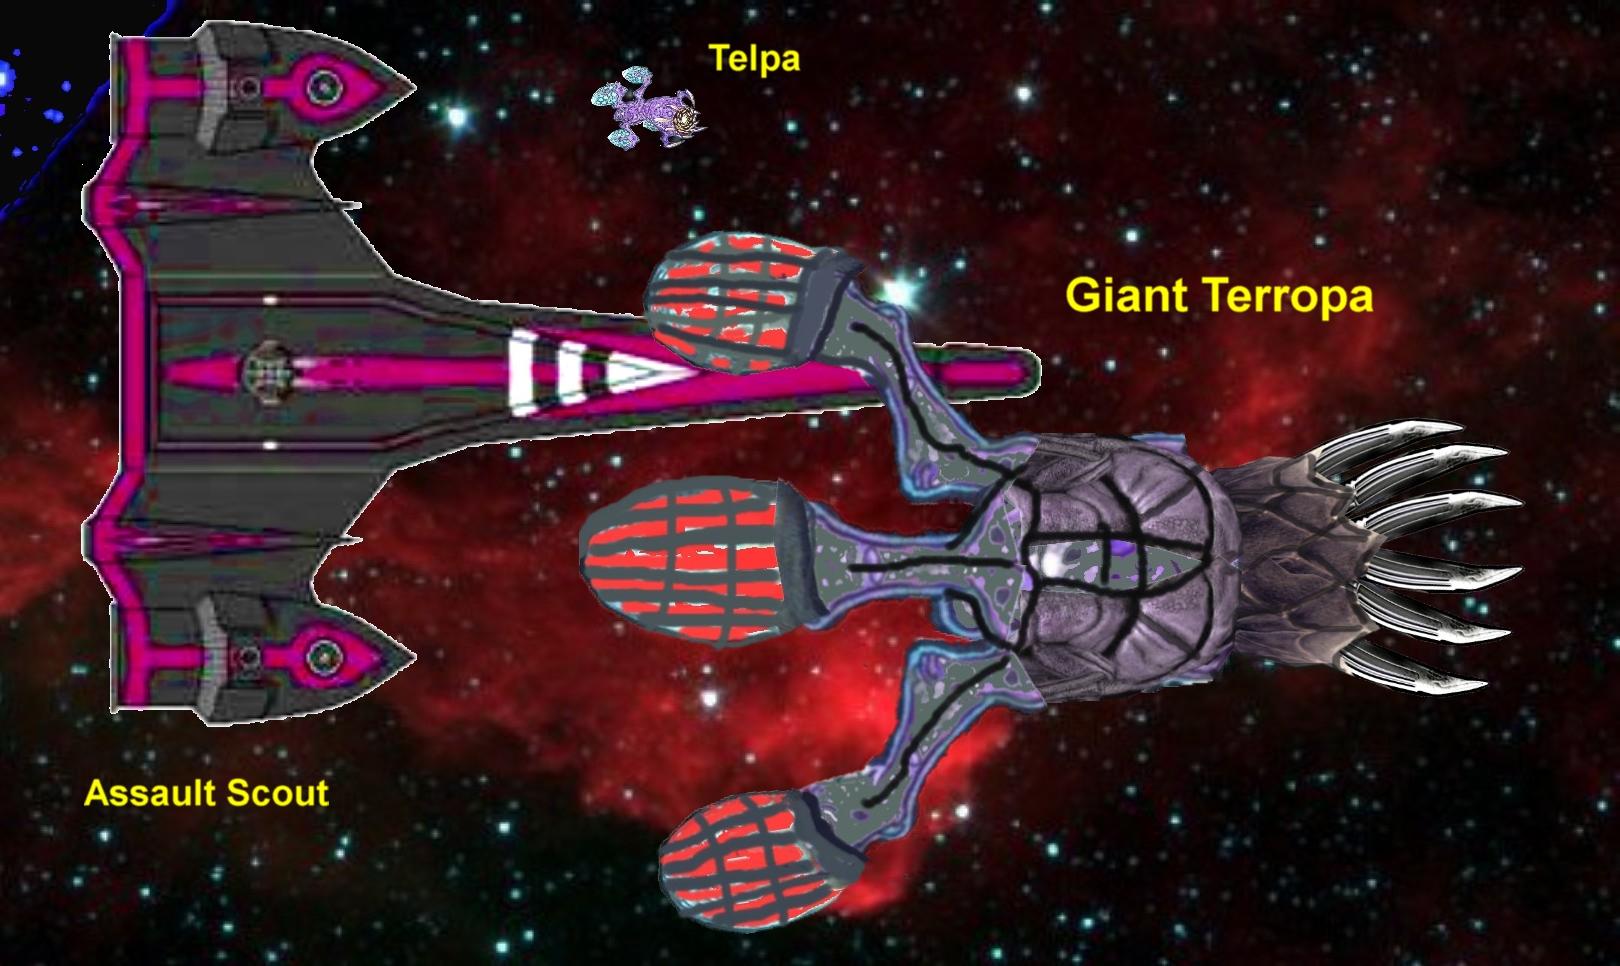 http://www.starfrontiers.us/files/Giant%20Terropa0.5_0.JPG